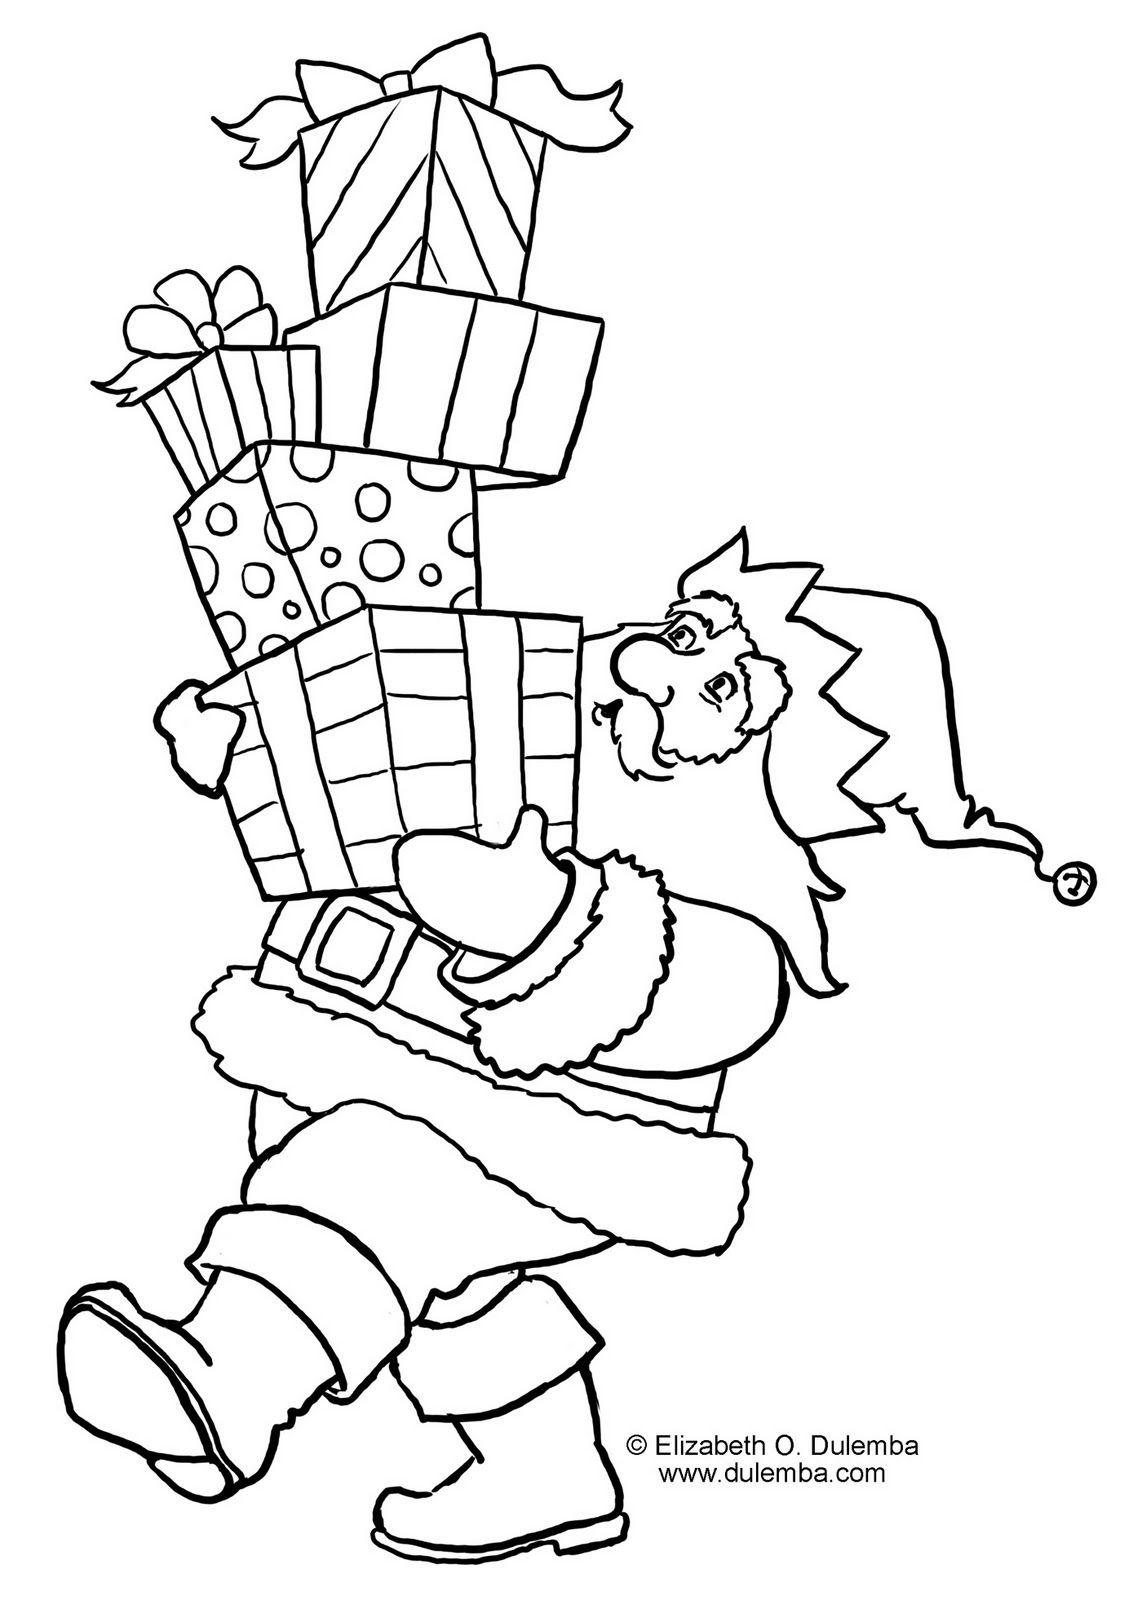 Lindos Desenhos De Natal Com O Papai Noel Desenho De Natal Páginas Para Colorir Papai Noel Para Colorir